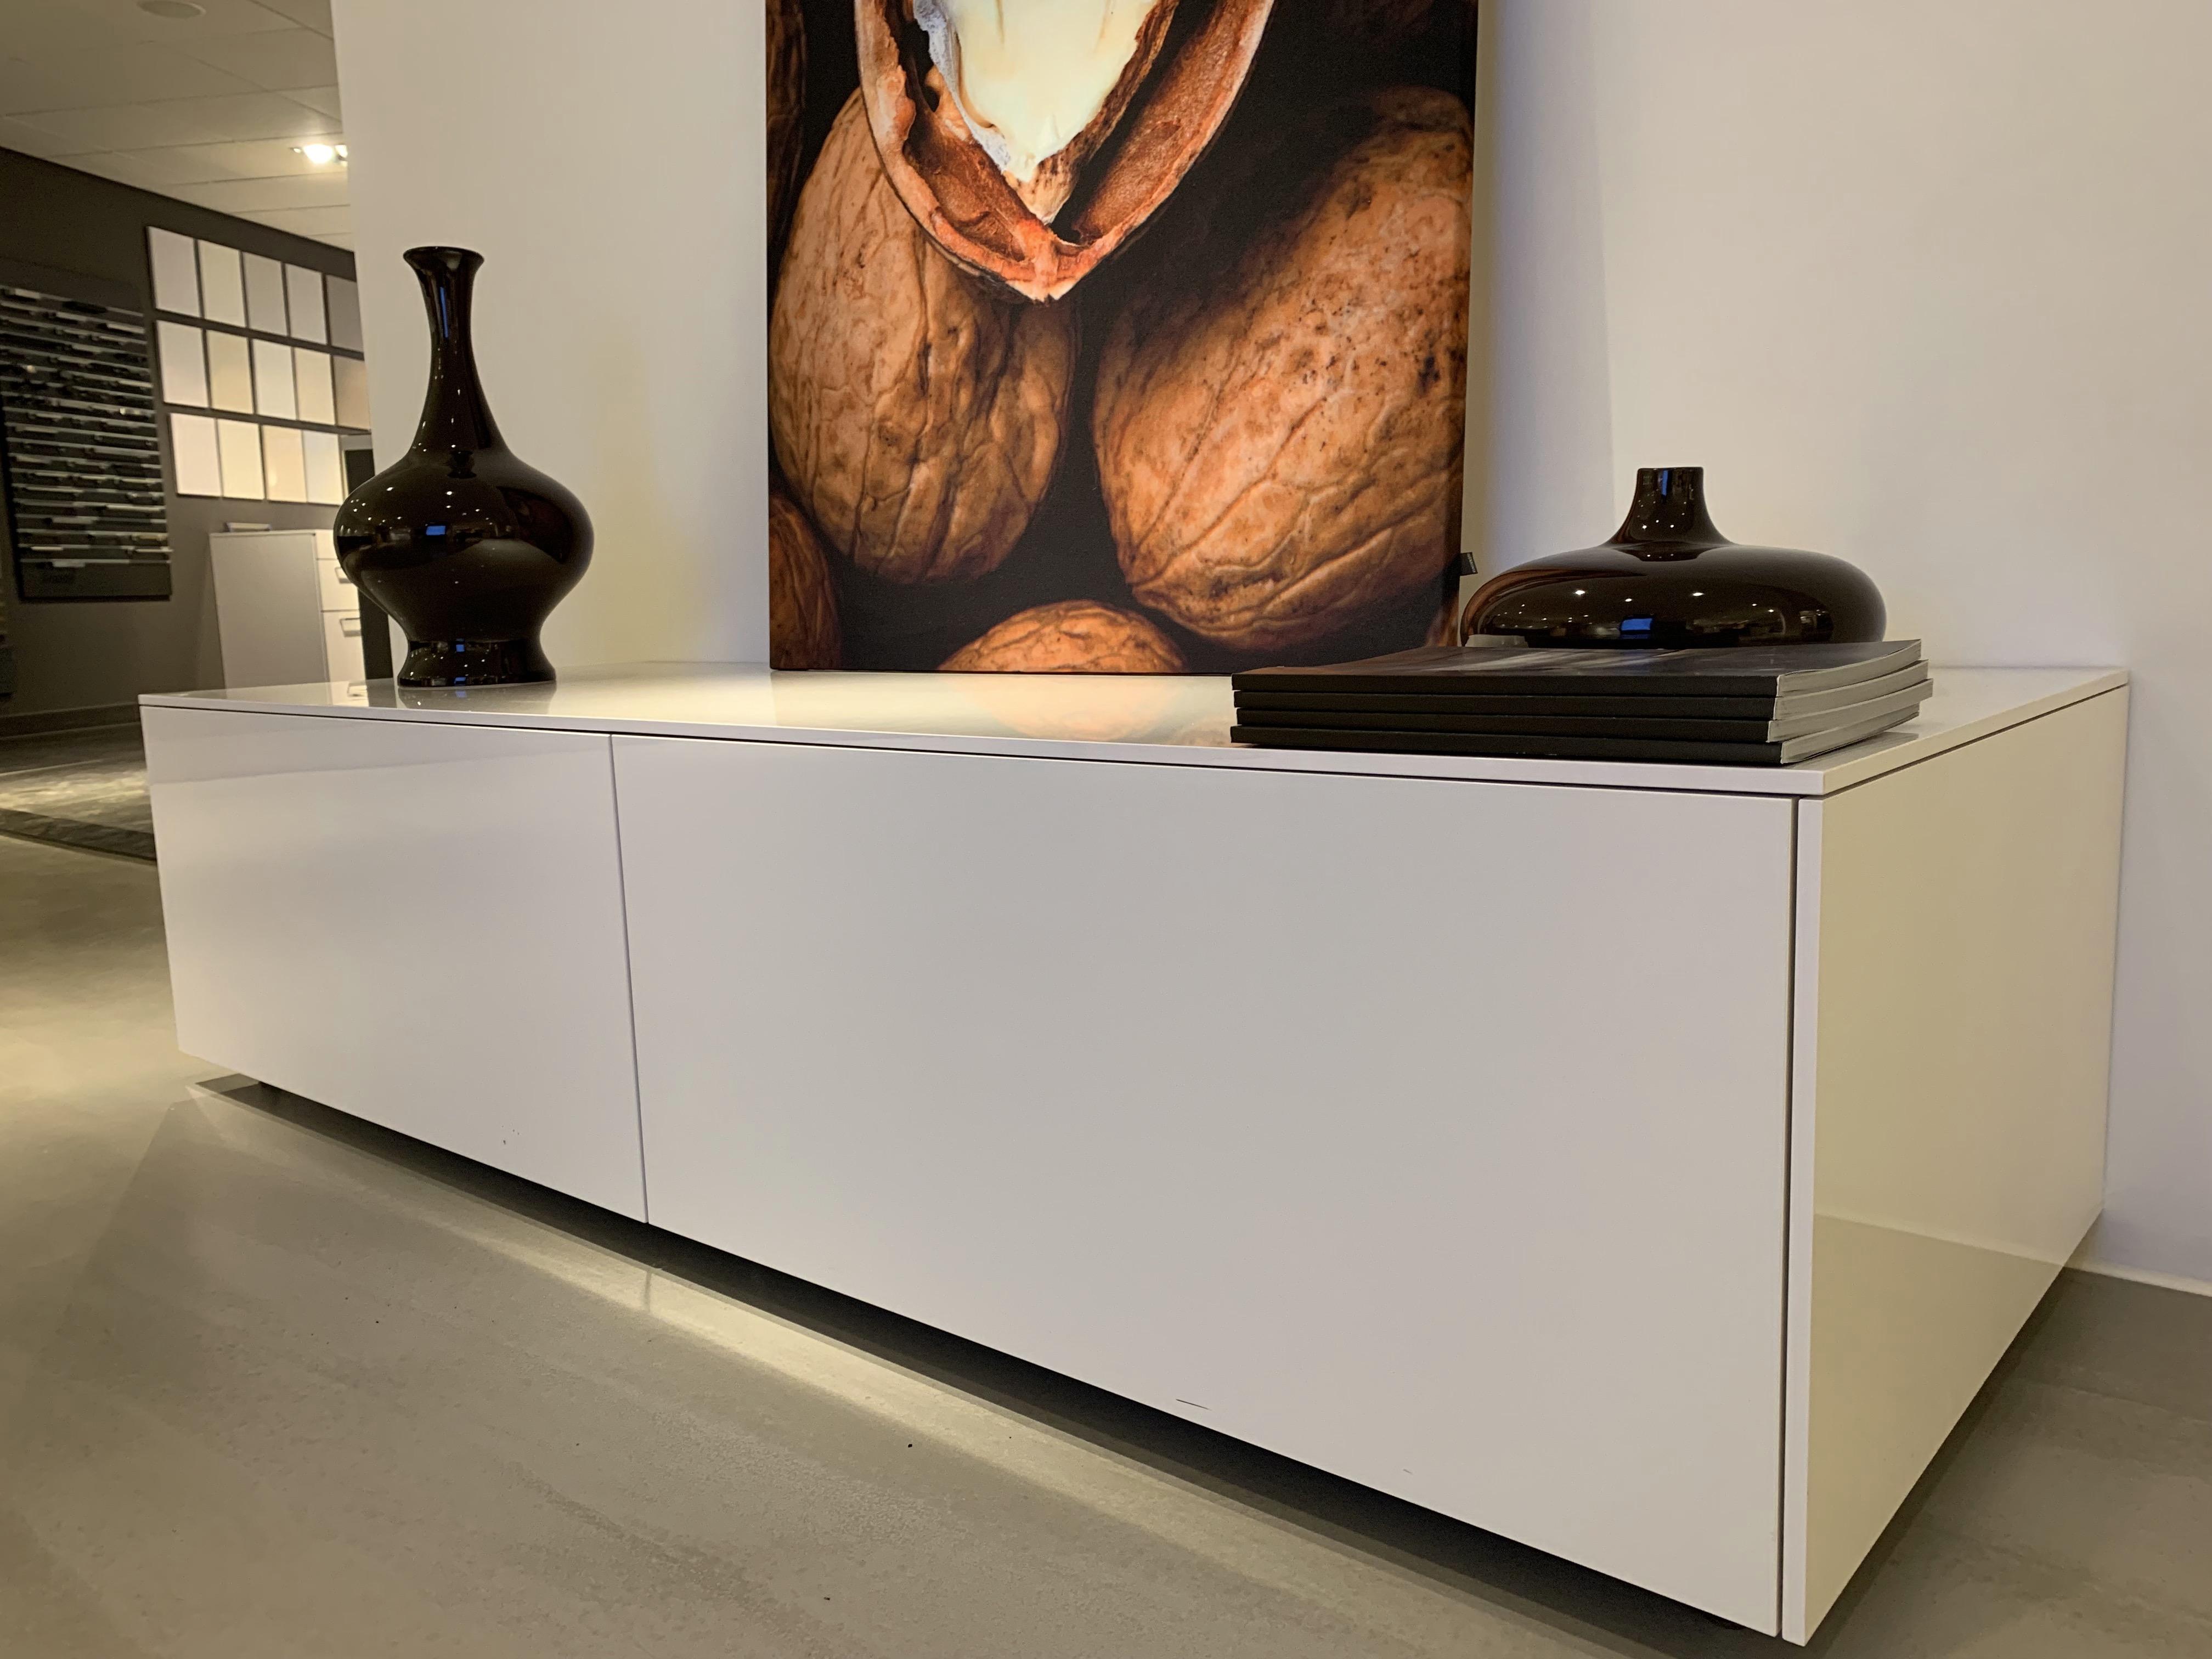 Bulthaup B3 Sideboard In Hoogglans Wit Acrylaat Toonzaalkeukens Nl